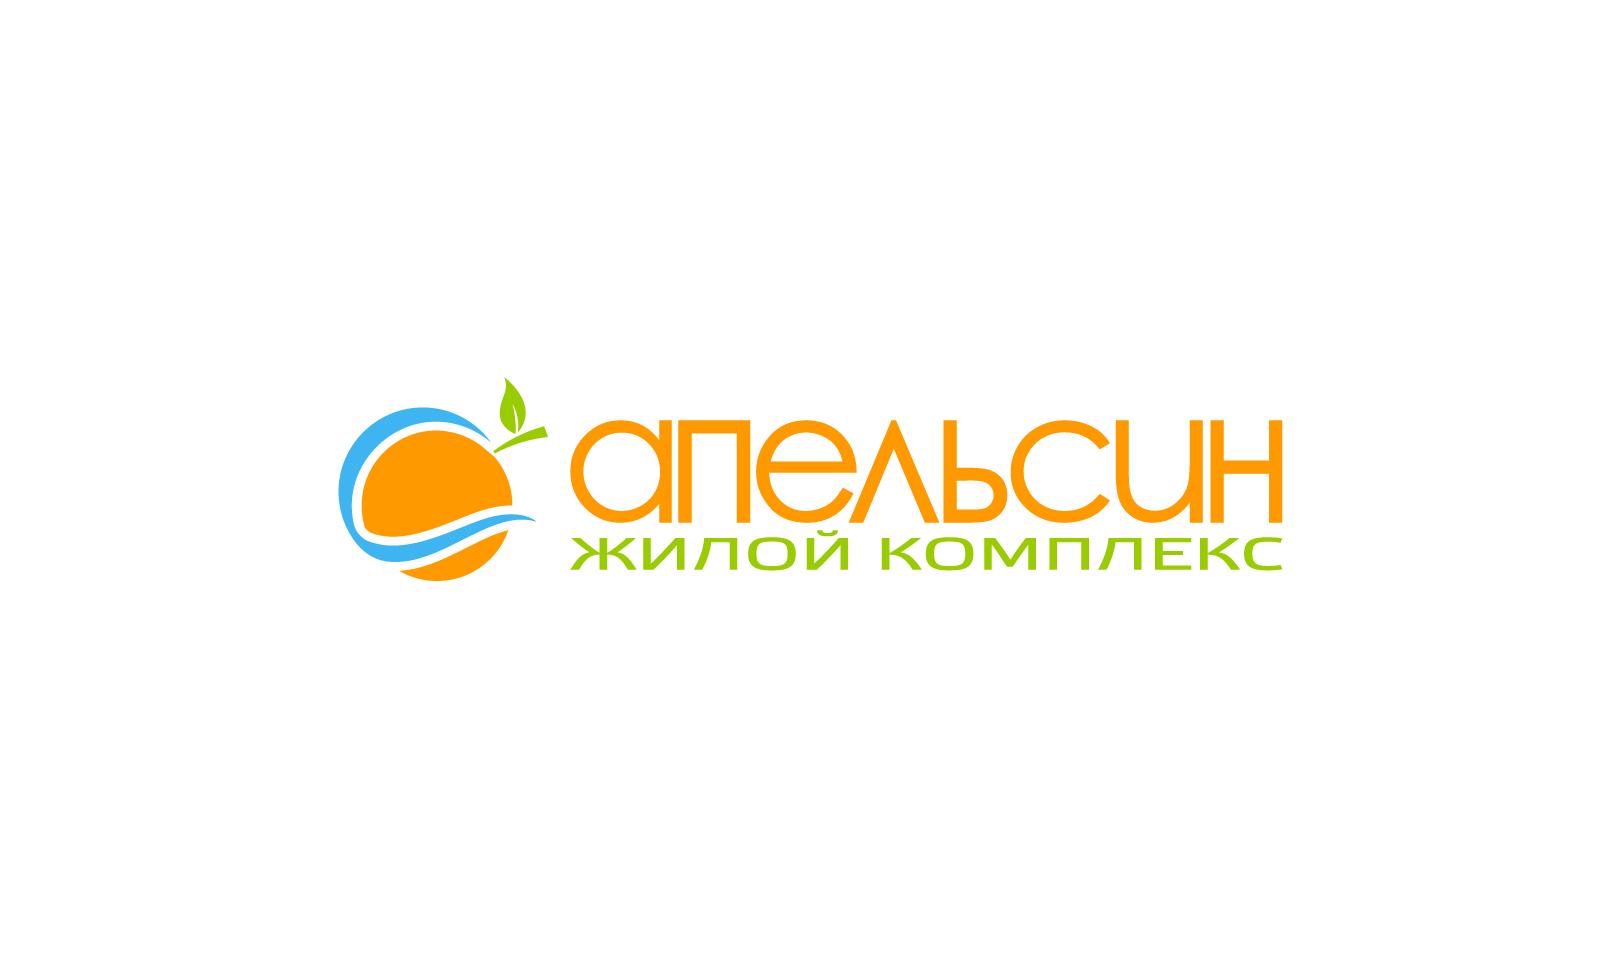 Логотип и фирменный стиль фото f_0445a5874539e7ee.jpg